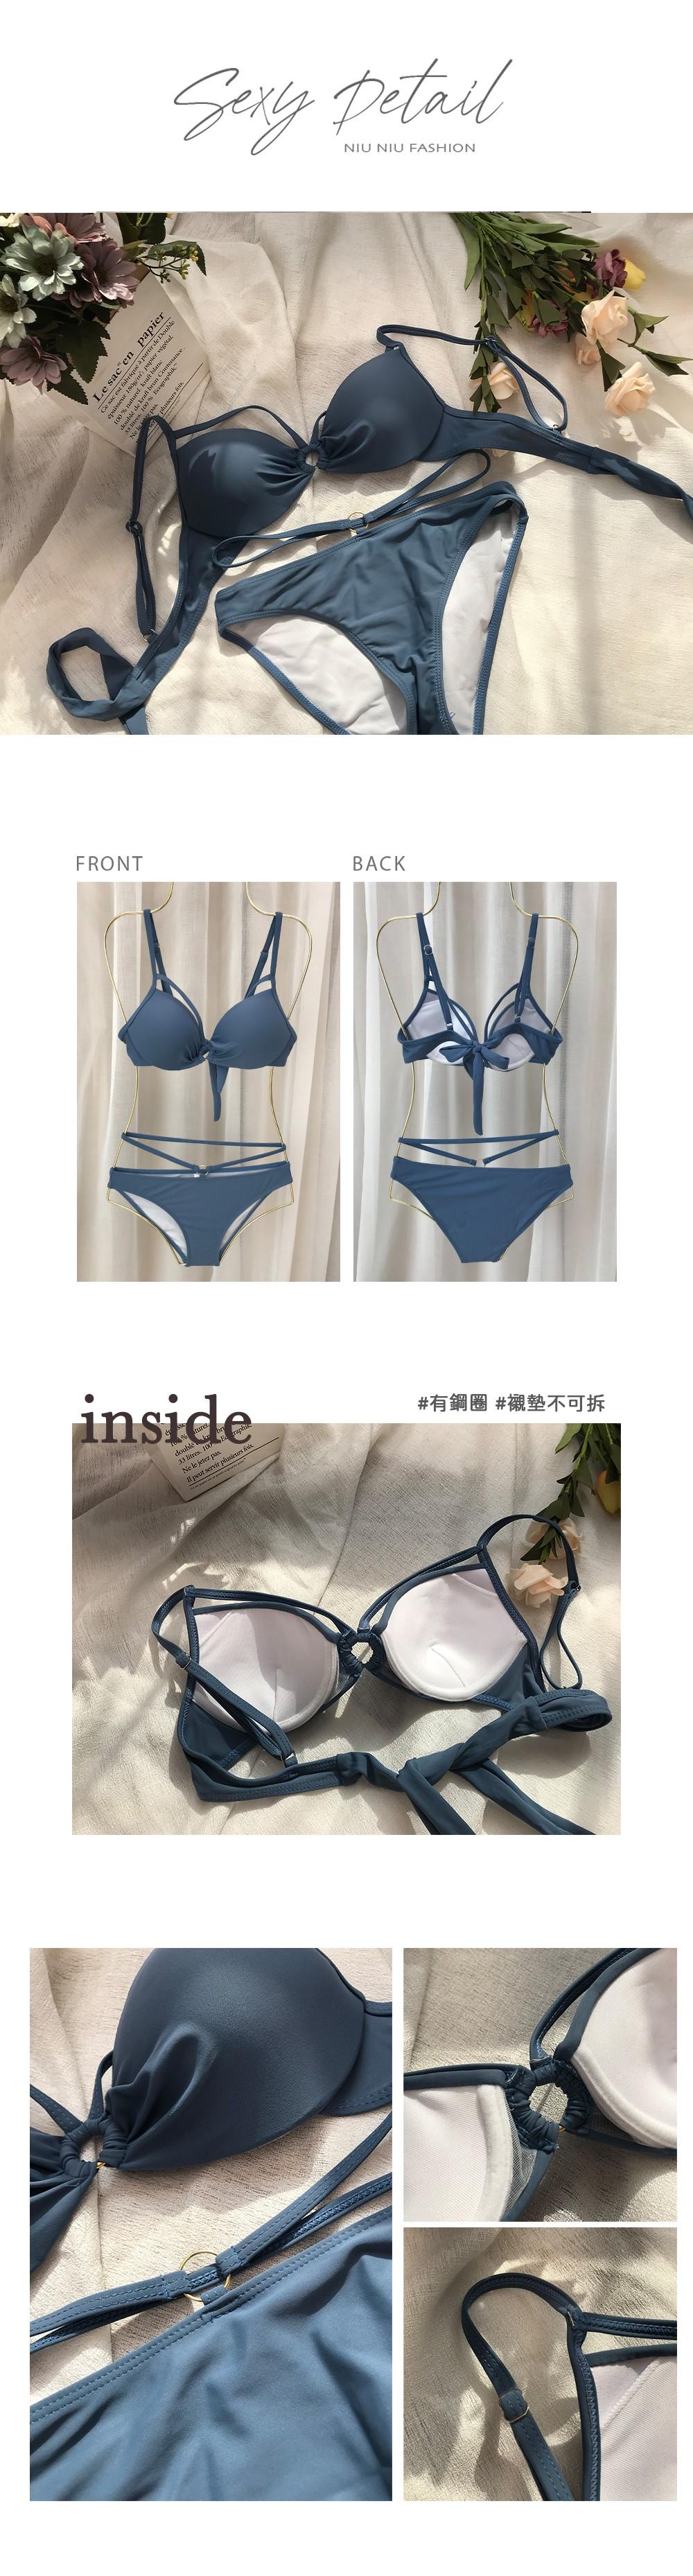 軟鋼圈美胸綁帶式性感比基尼泳裝 1色